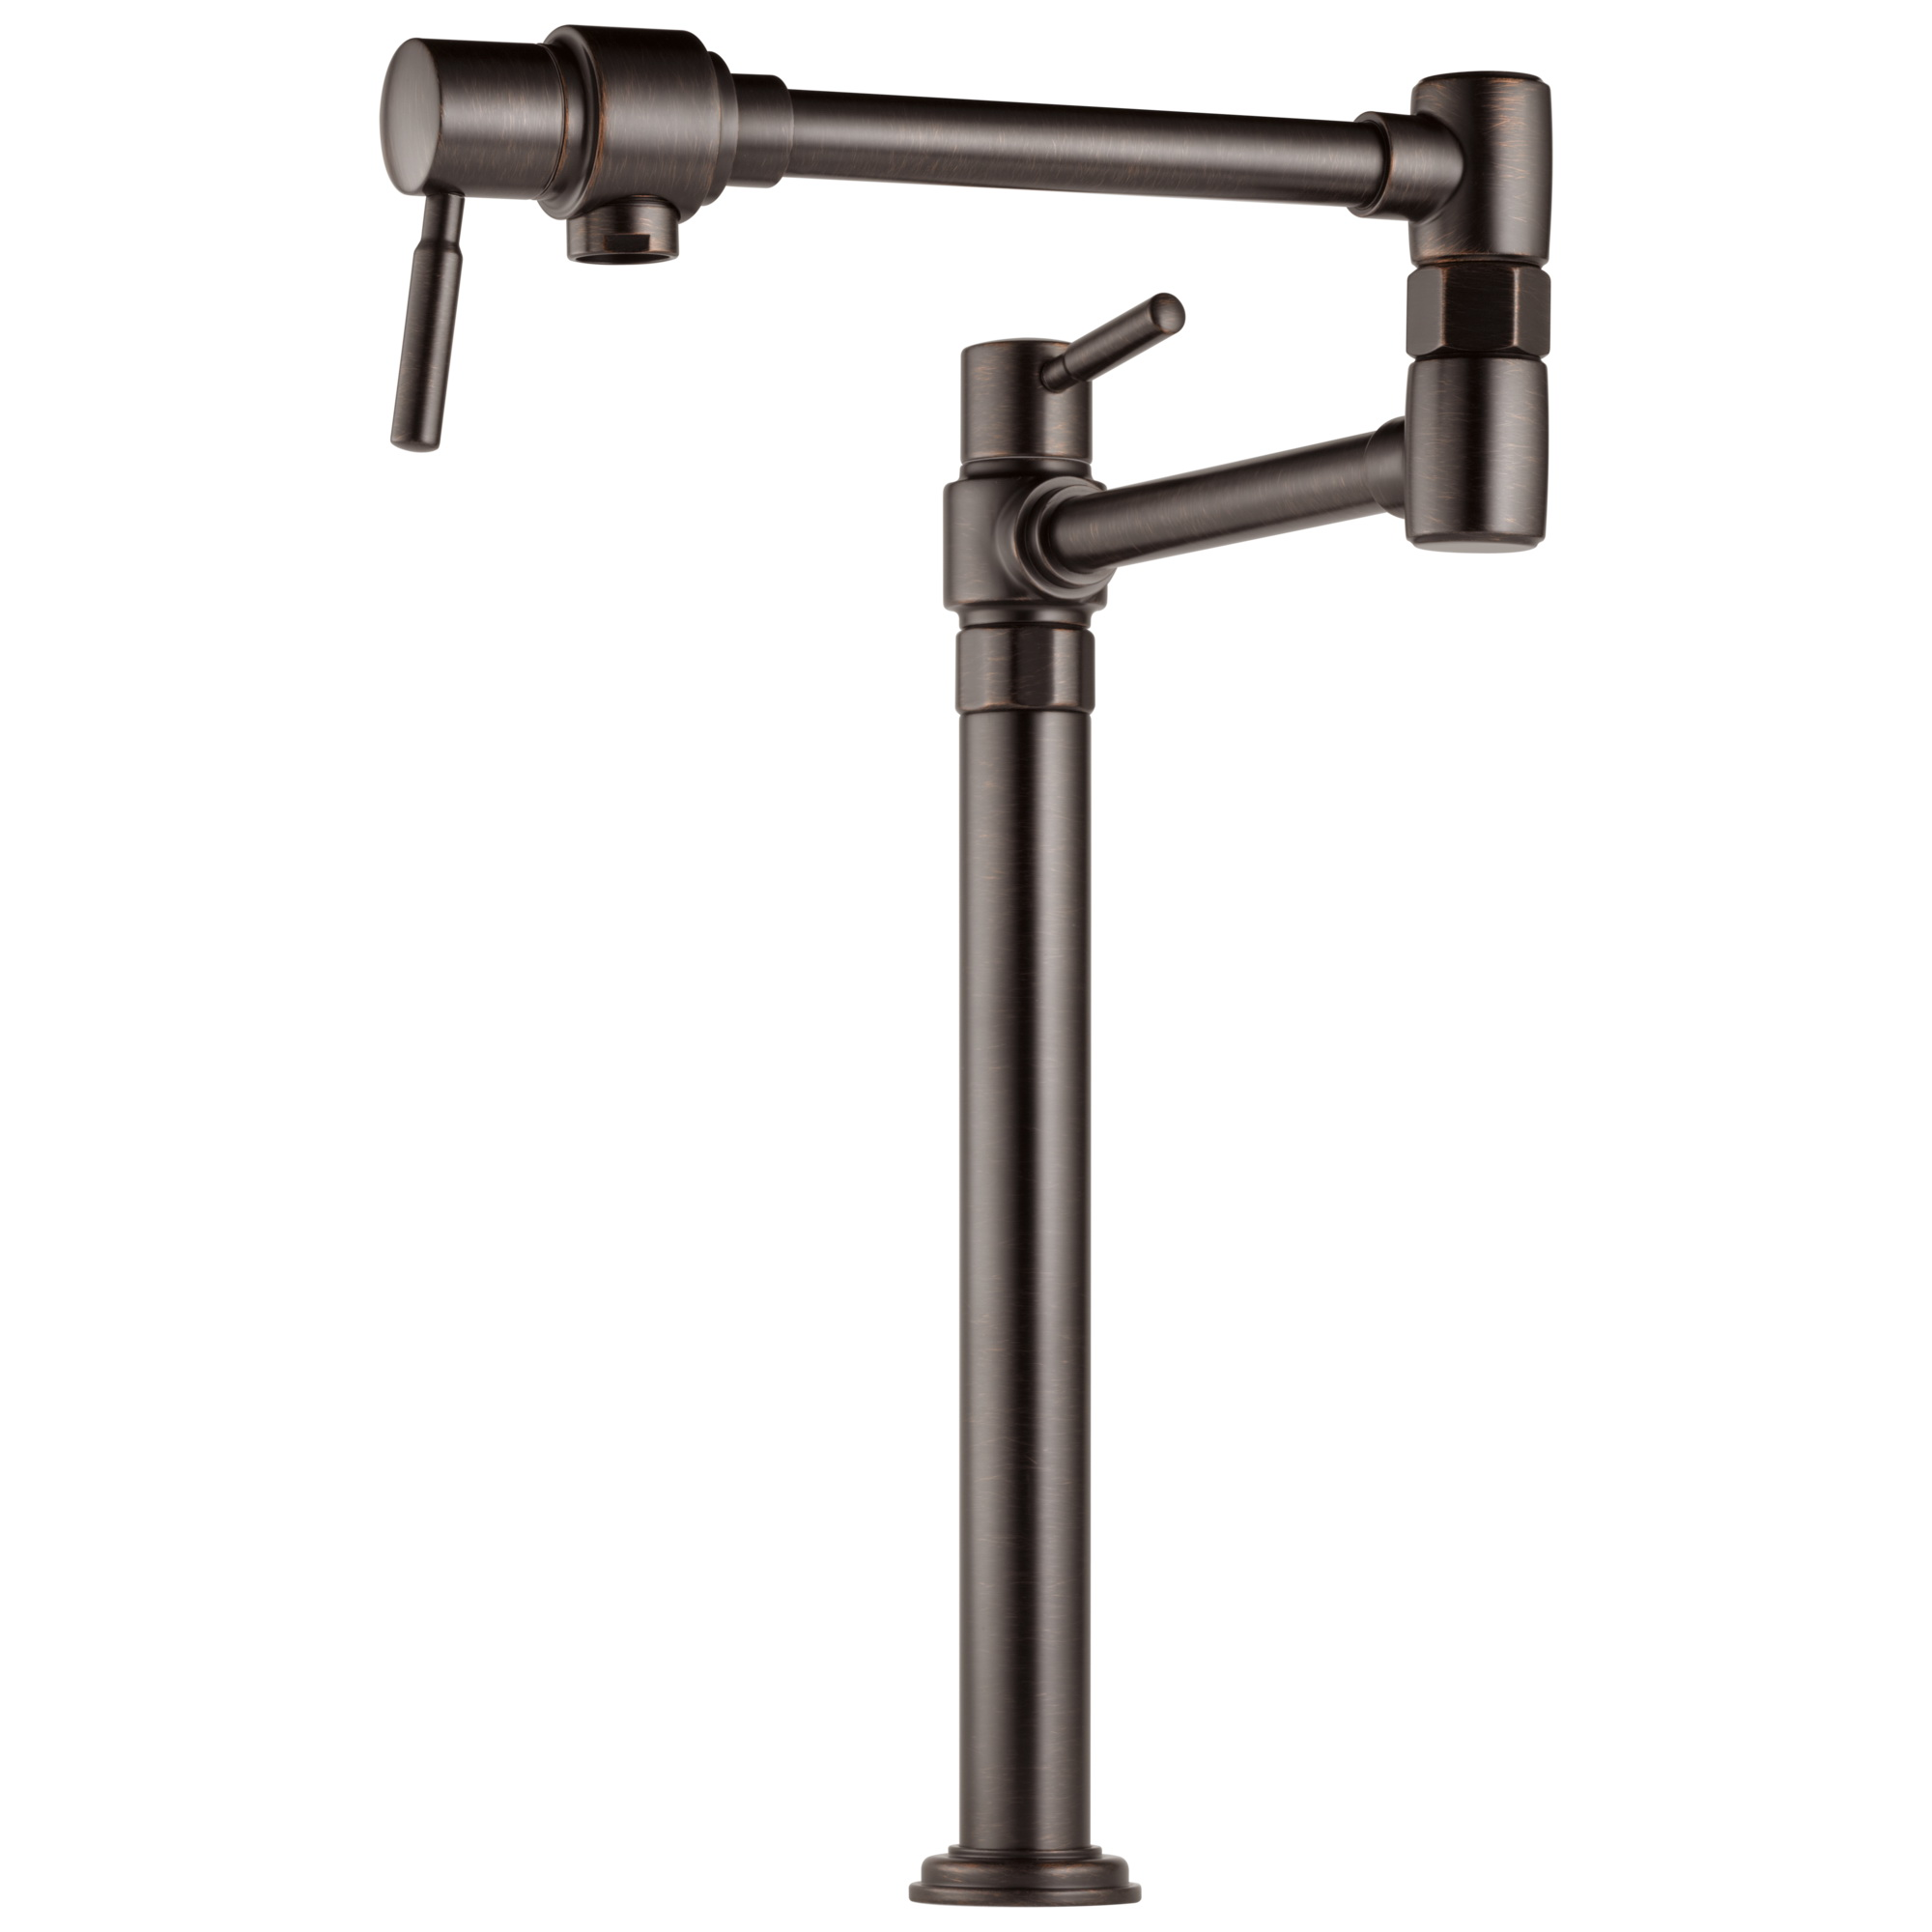 Brizo® 62720LF-RB Euro Pot Filler Faucet, 4 gpm Flow Rate, Swivel Spout, Venetian Bronze, 2 Handles, Import